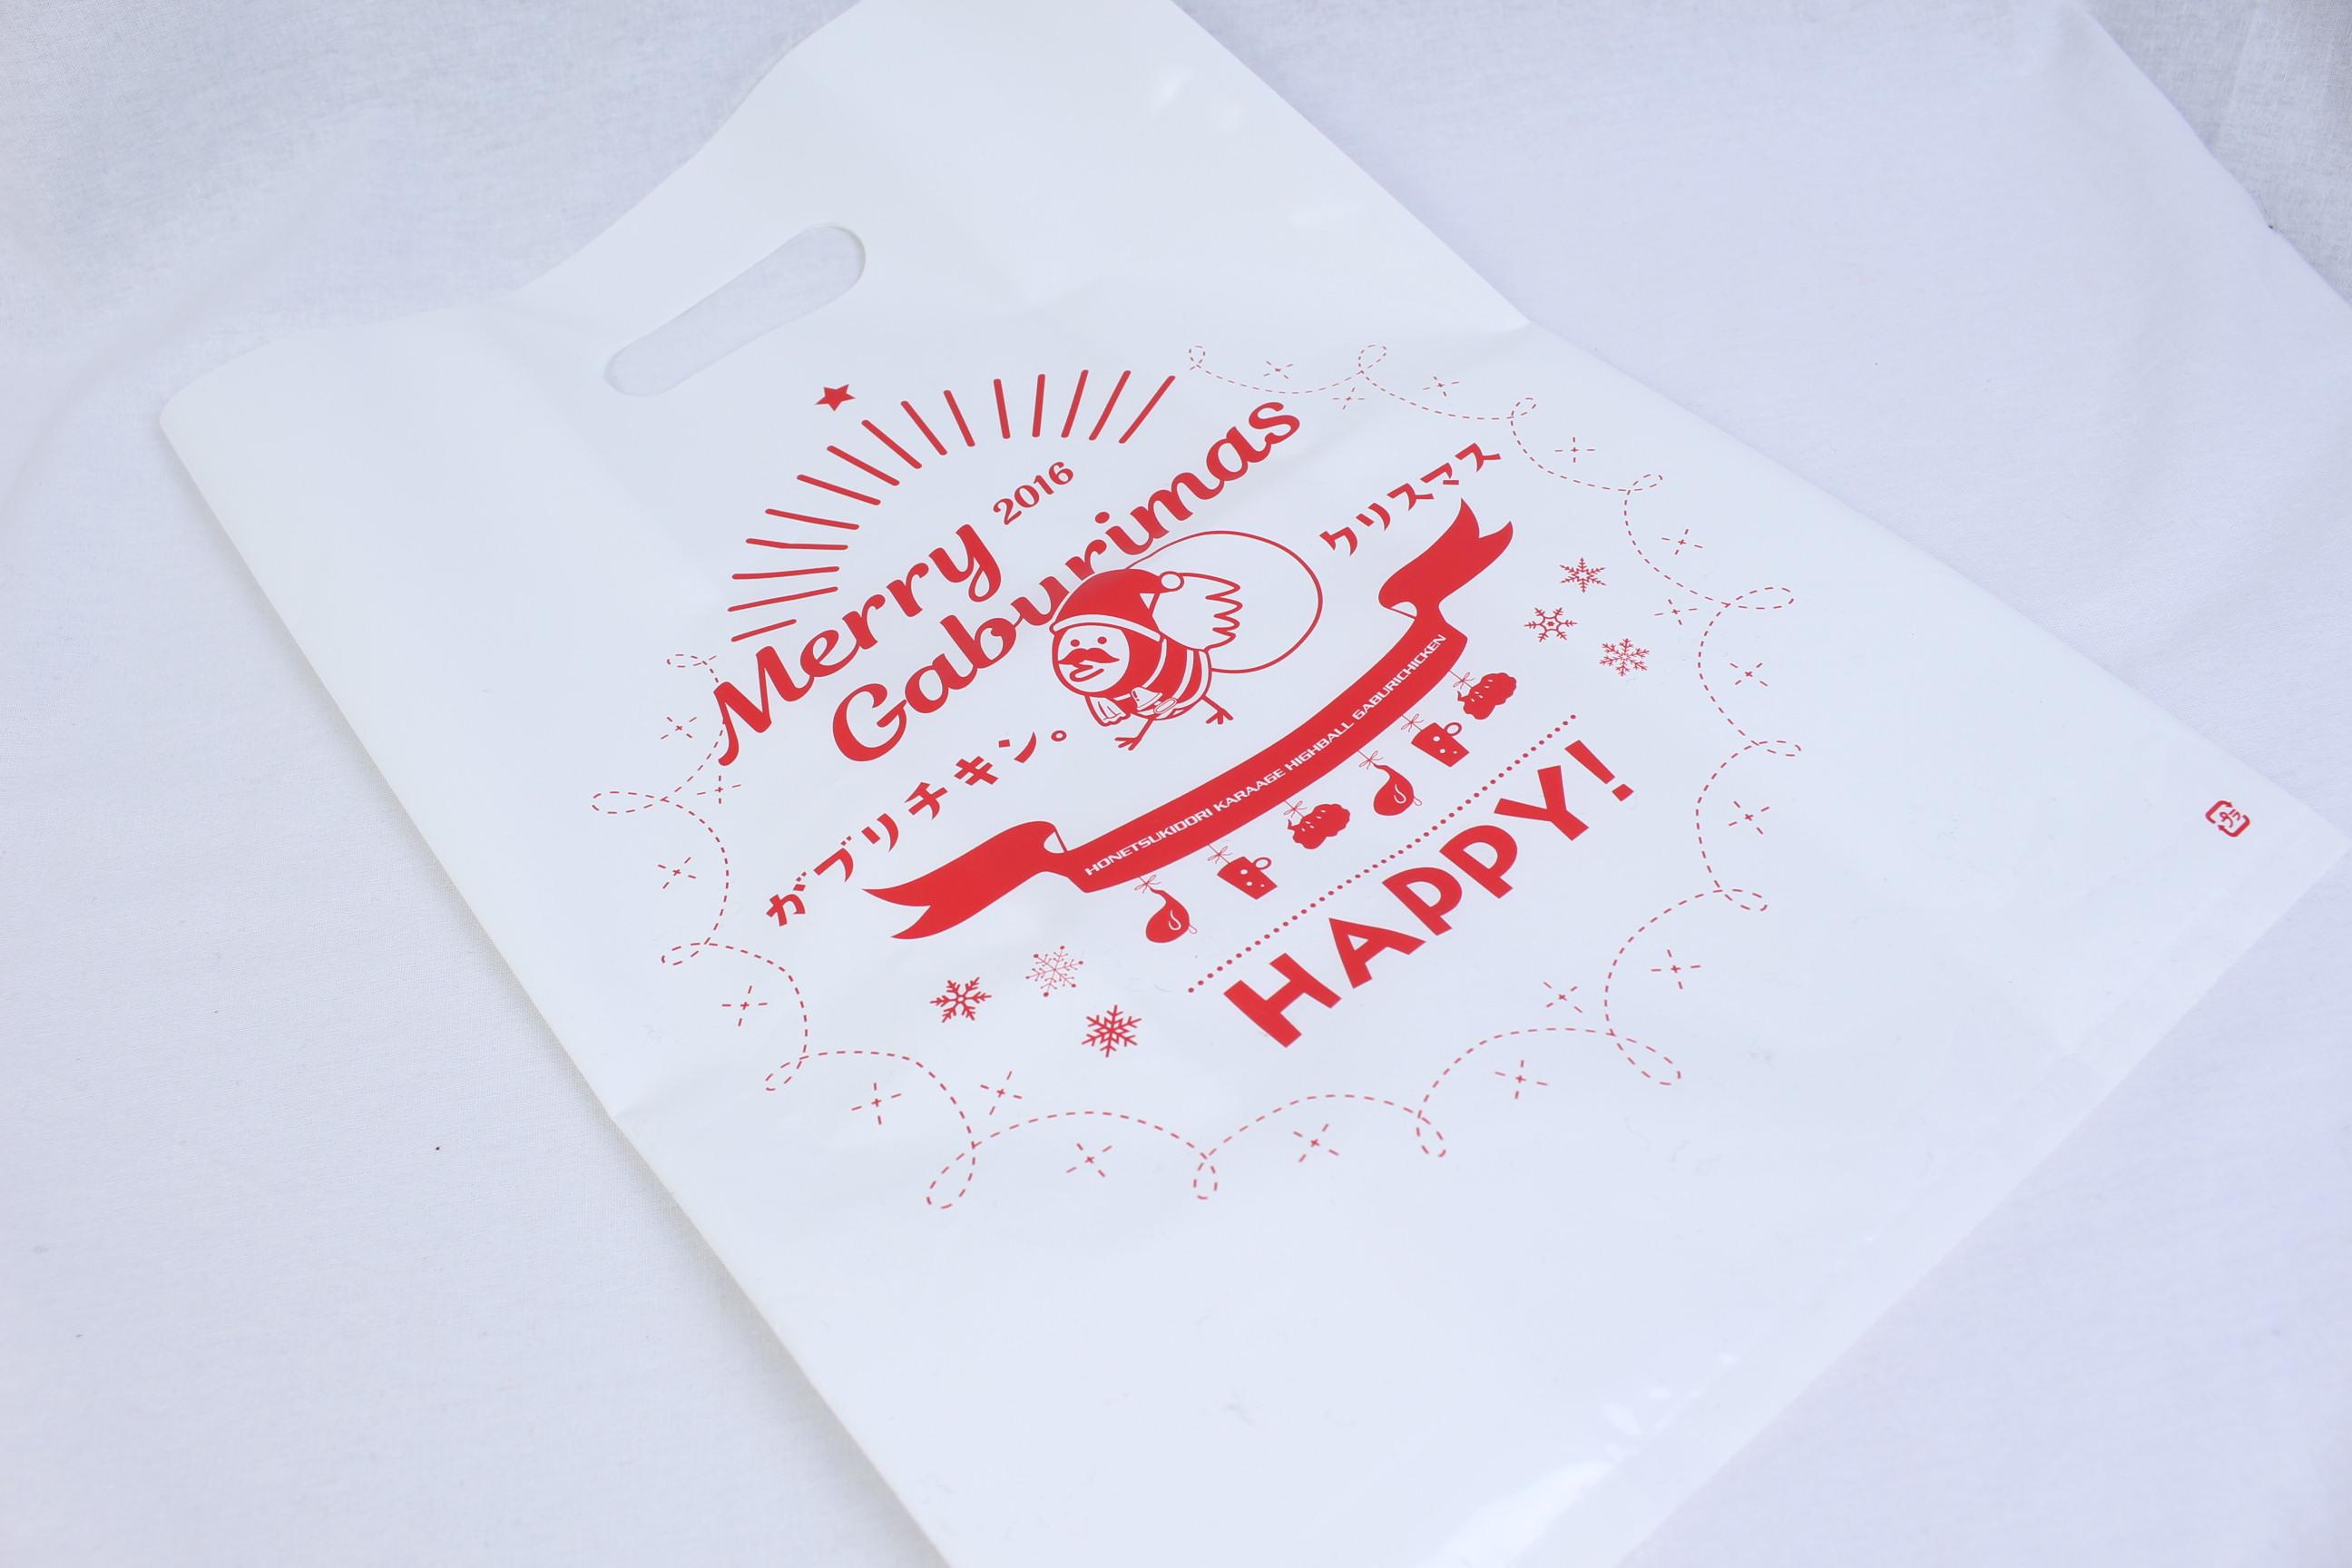 クリスマスのチキンを入れる用のポリ袋